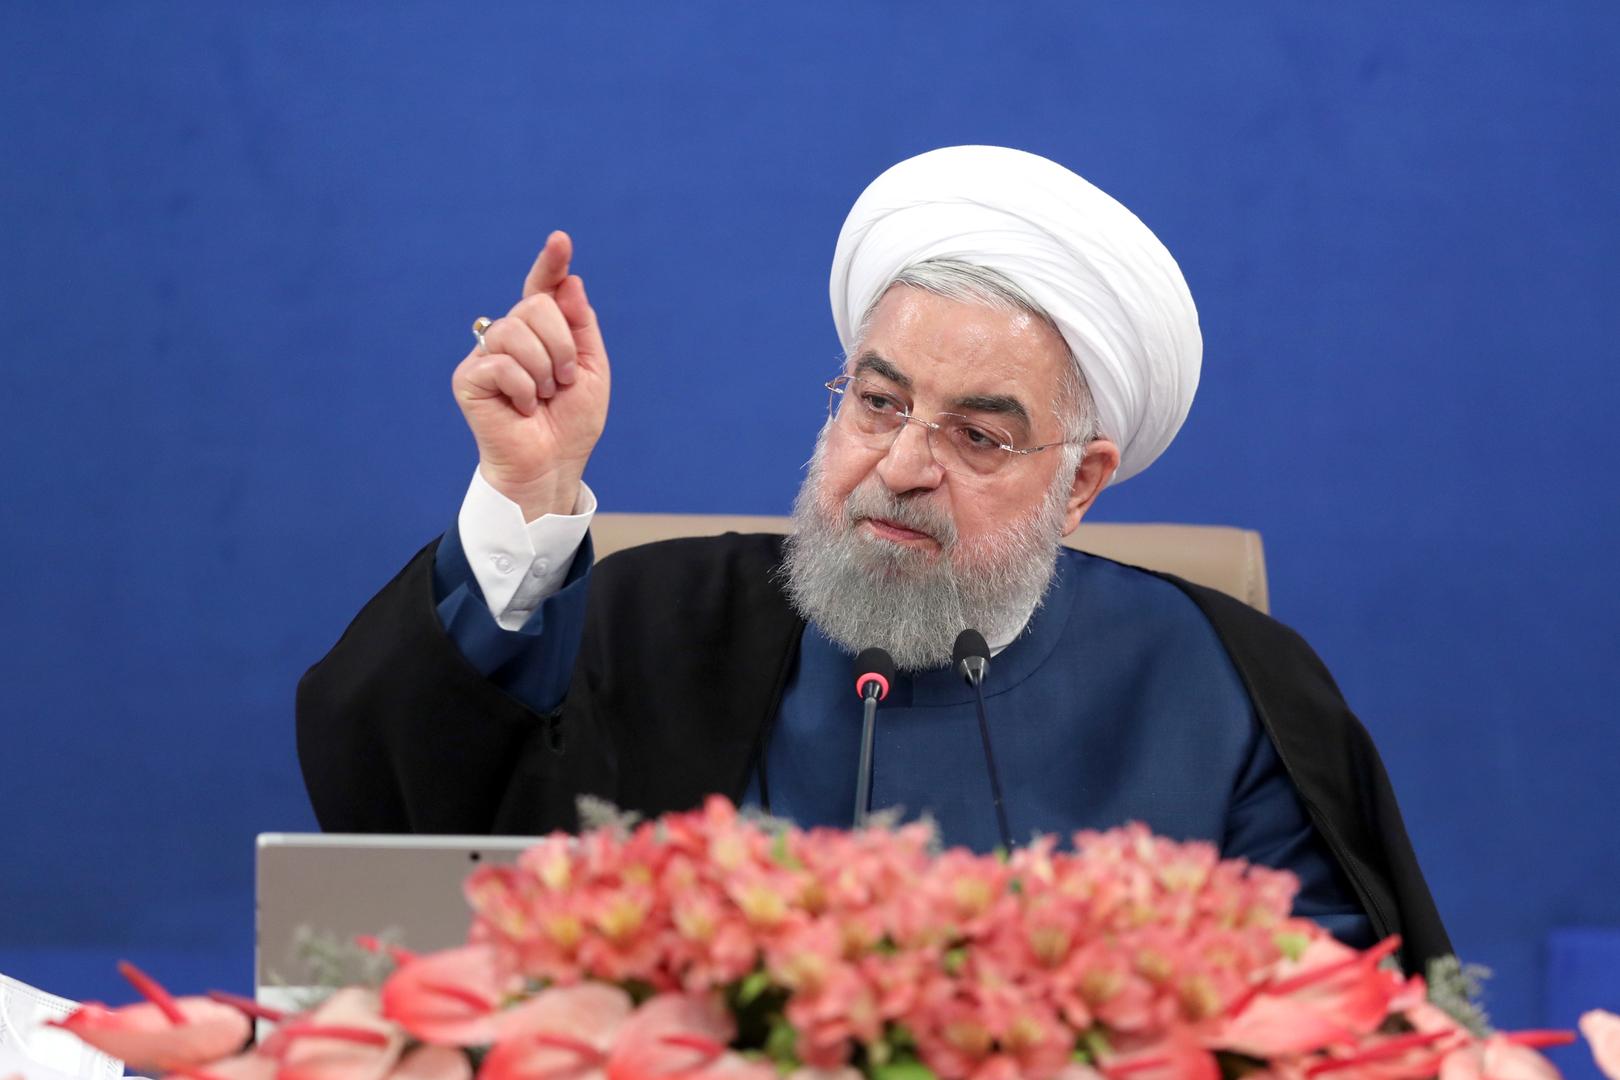 روحاني: لا يمكن للولايات المتحدة أن تفرض علينا لا الحرب ولا المفاوضات